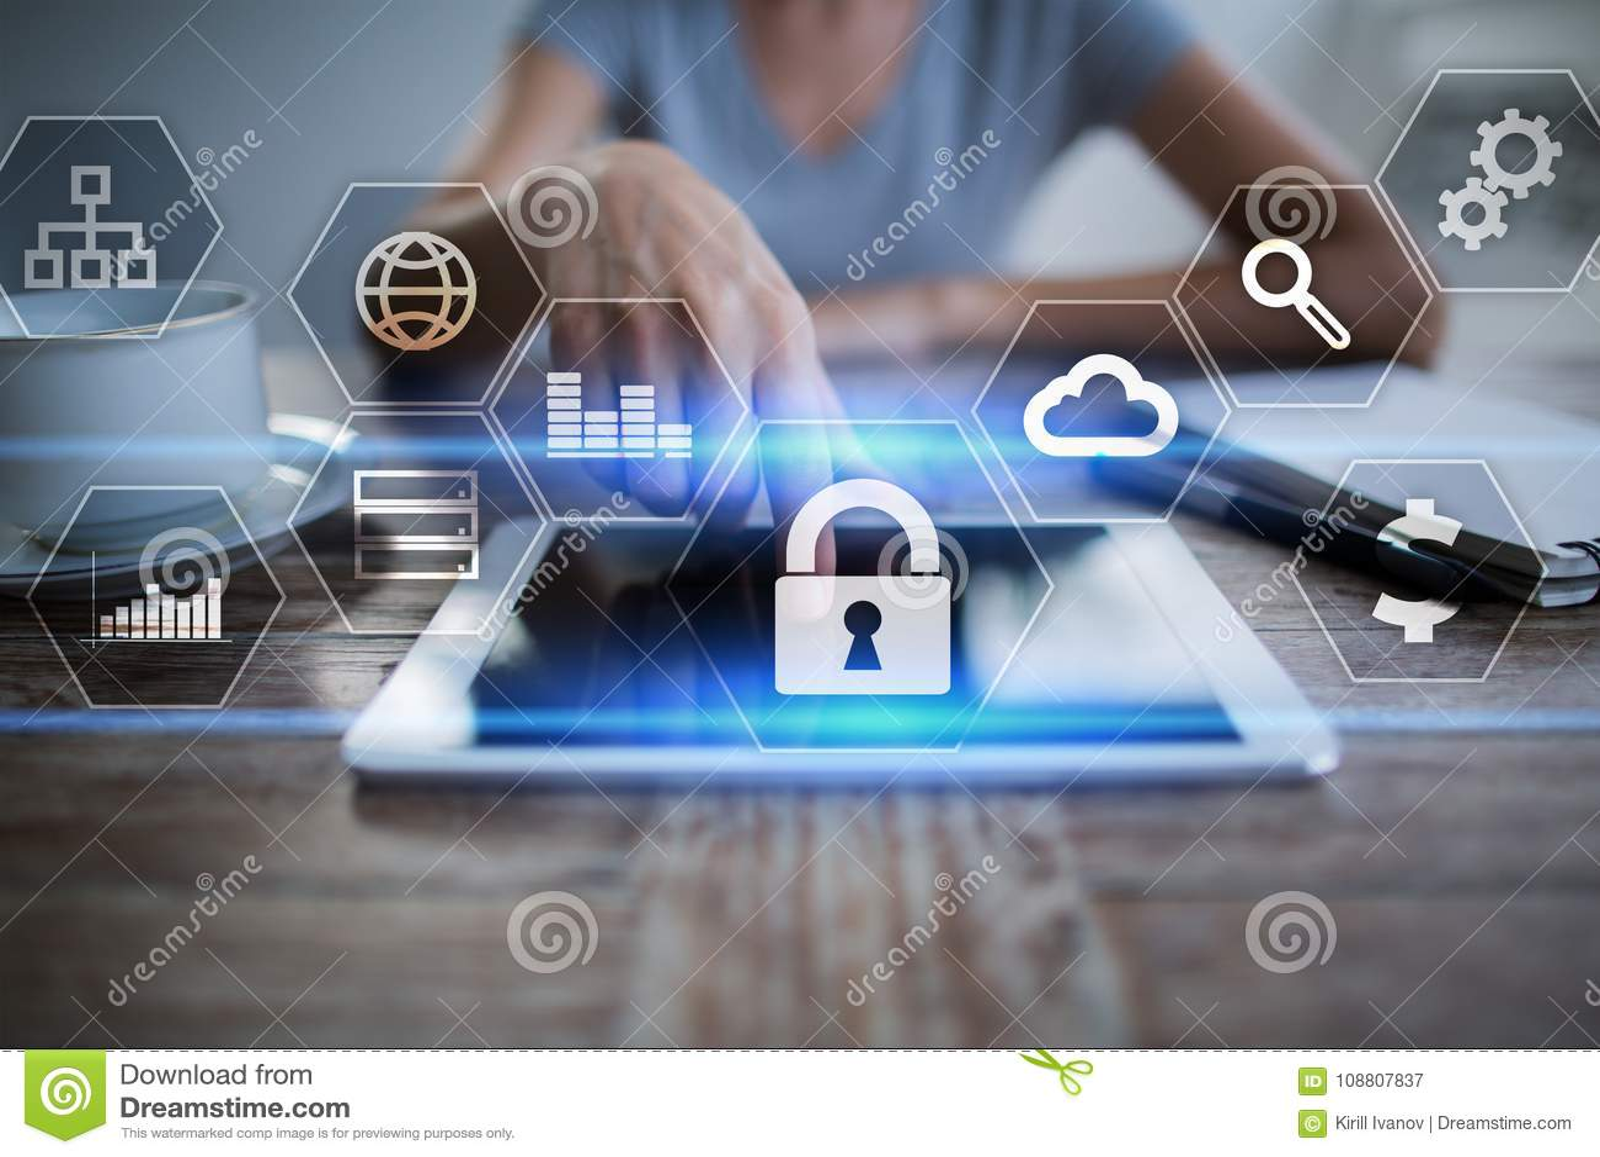 Dane ochrona, Cyber ochrona, ewidencyjny bezpieczeństwo i utajnianie, internet technologia i biznesu pojęcie